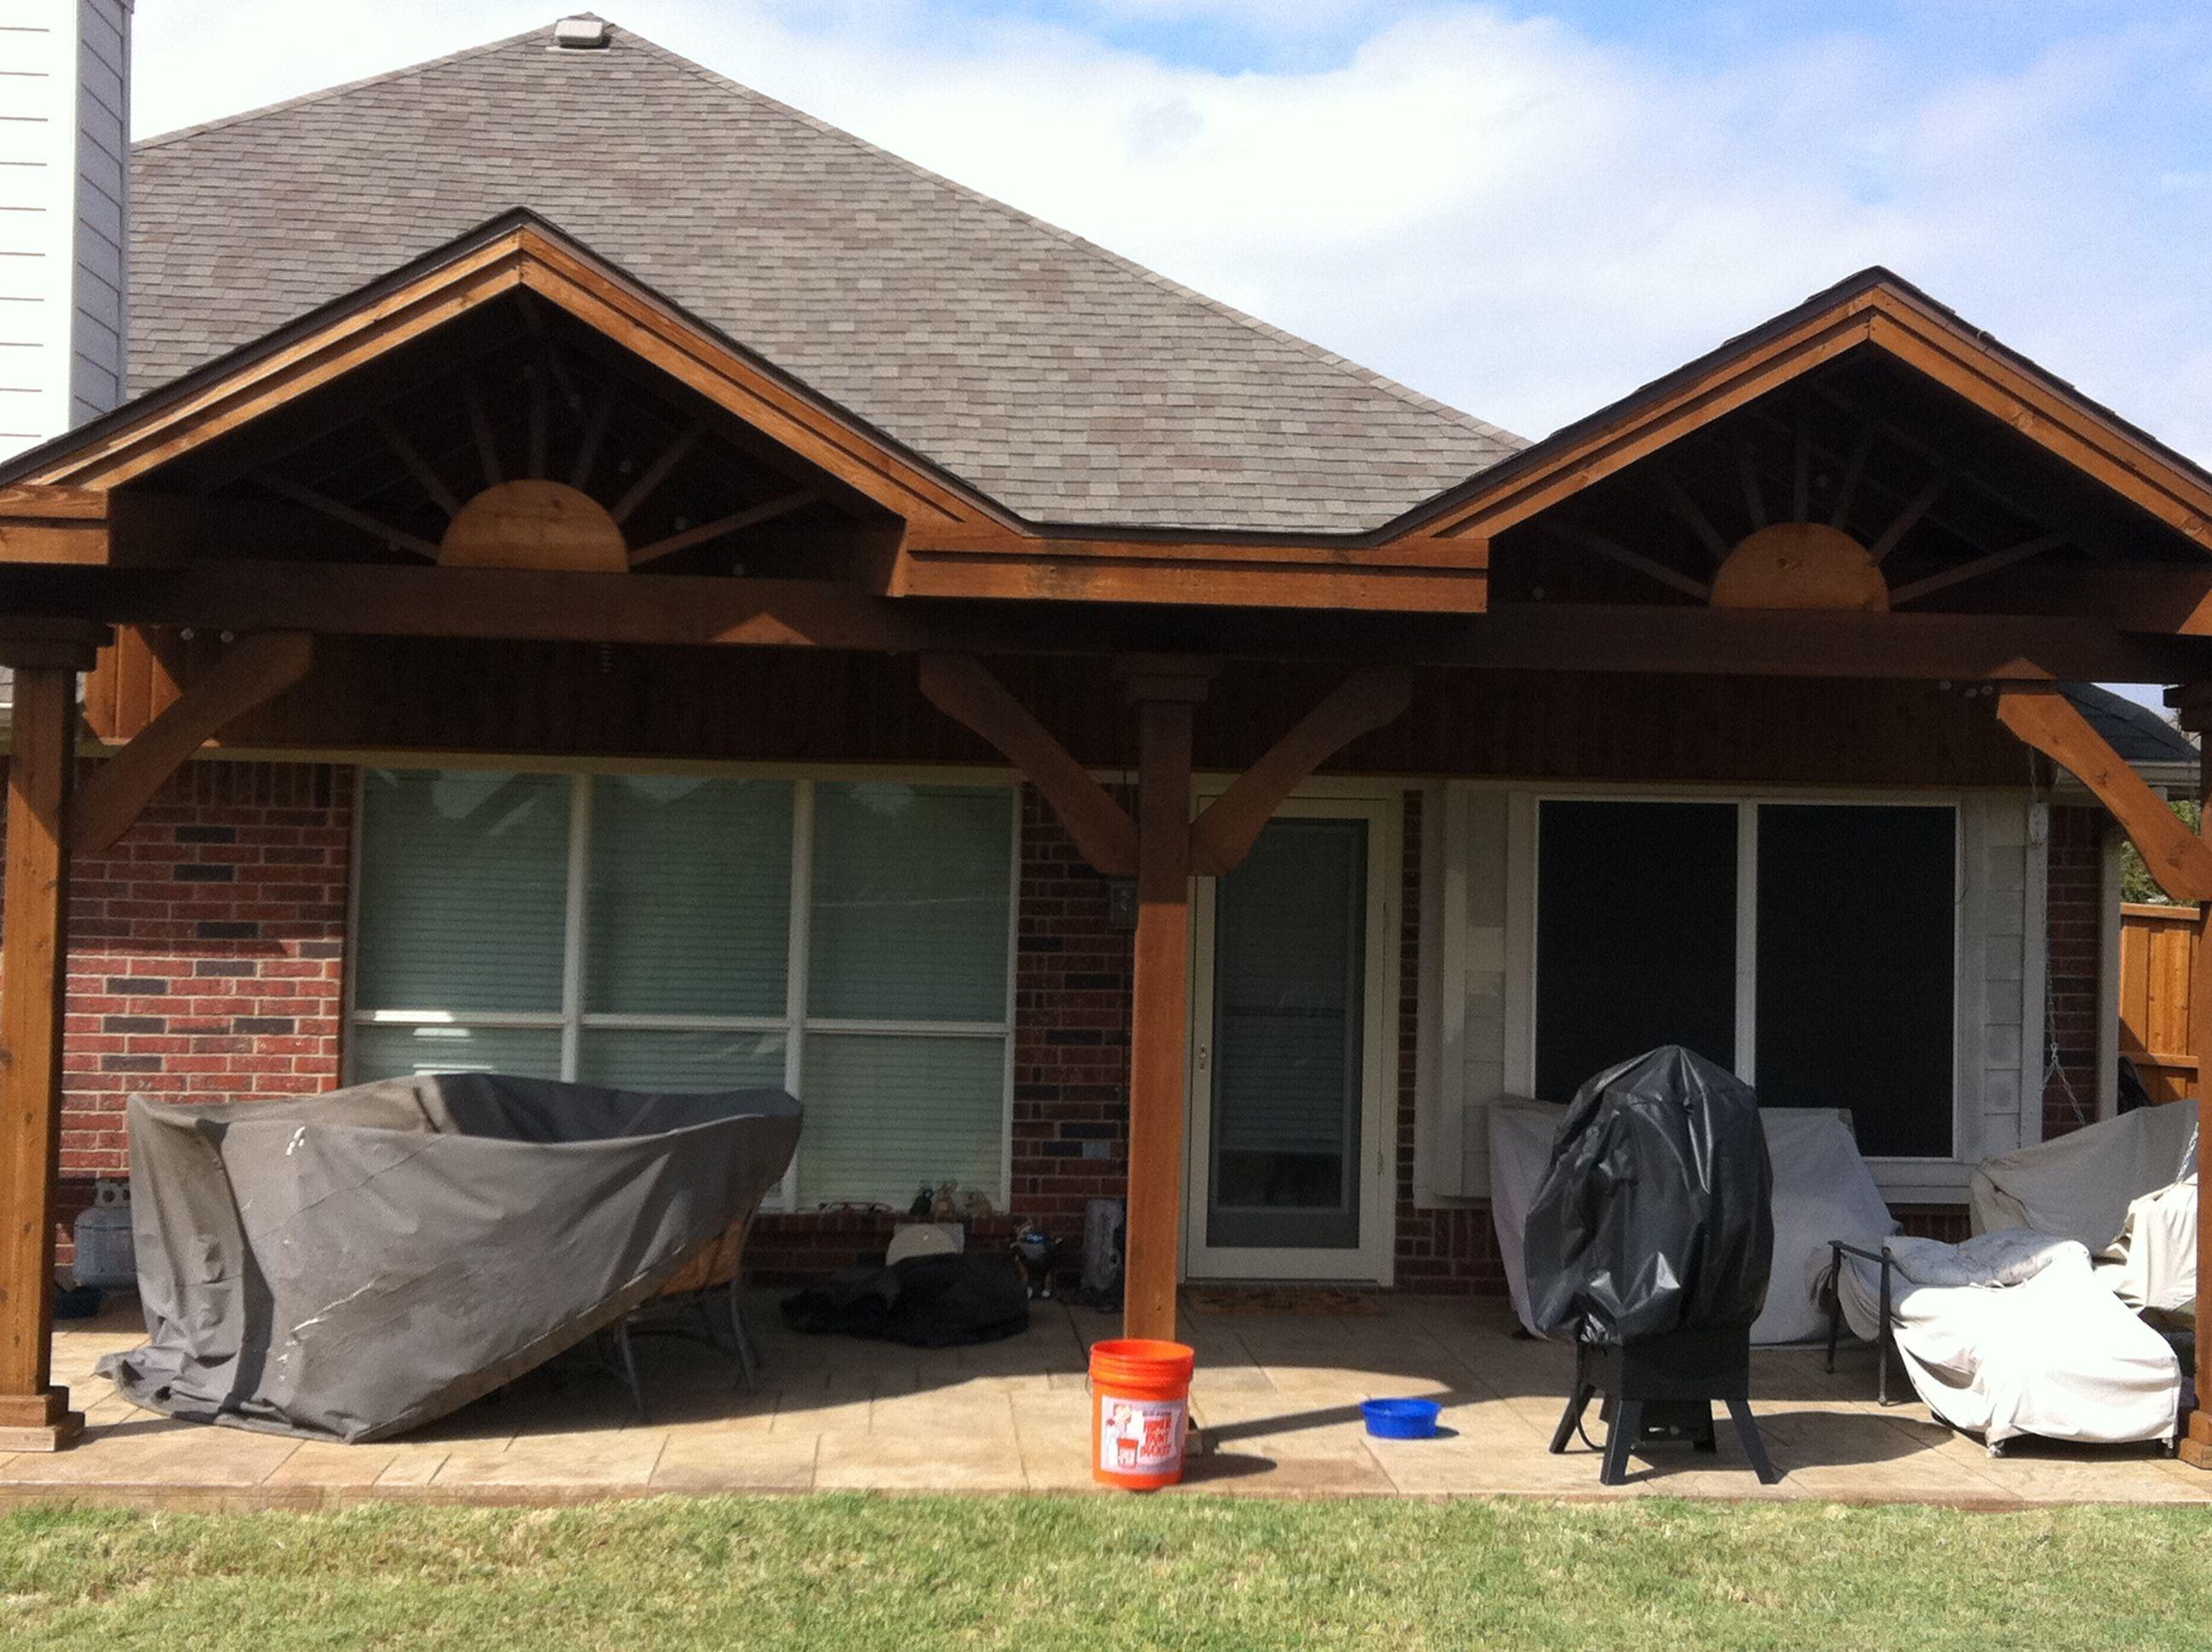 Double Gable Patio Cover Exterior Design Backyard Covered Patio Backyard Covered Patios